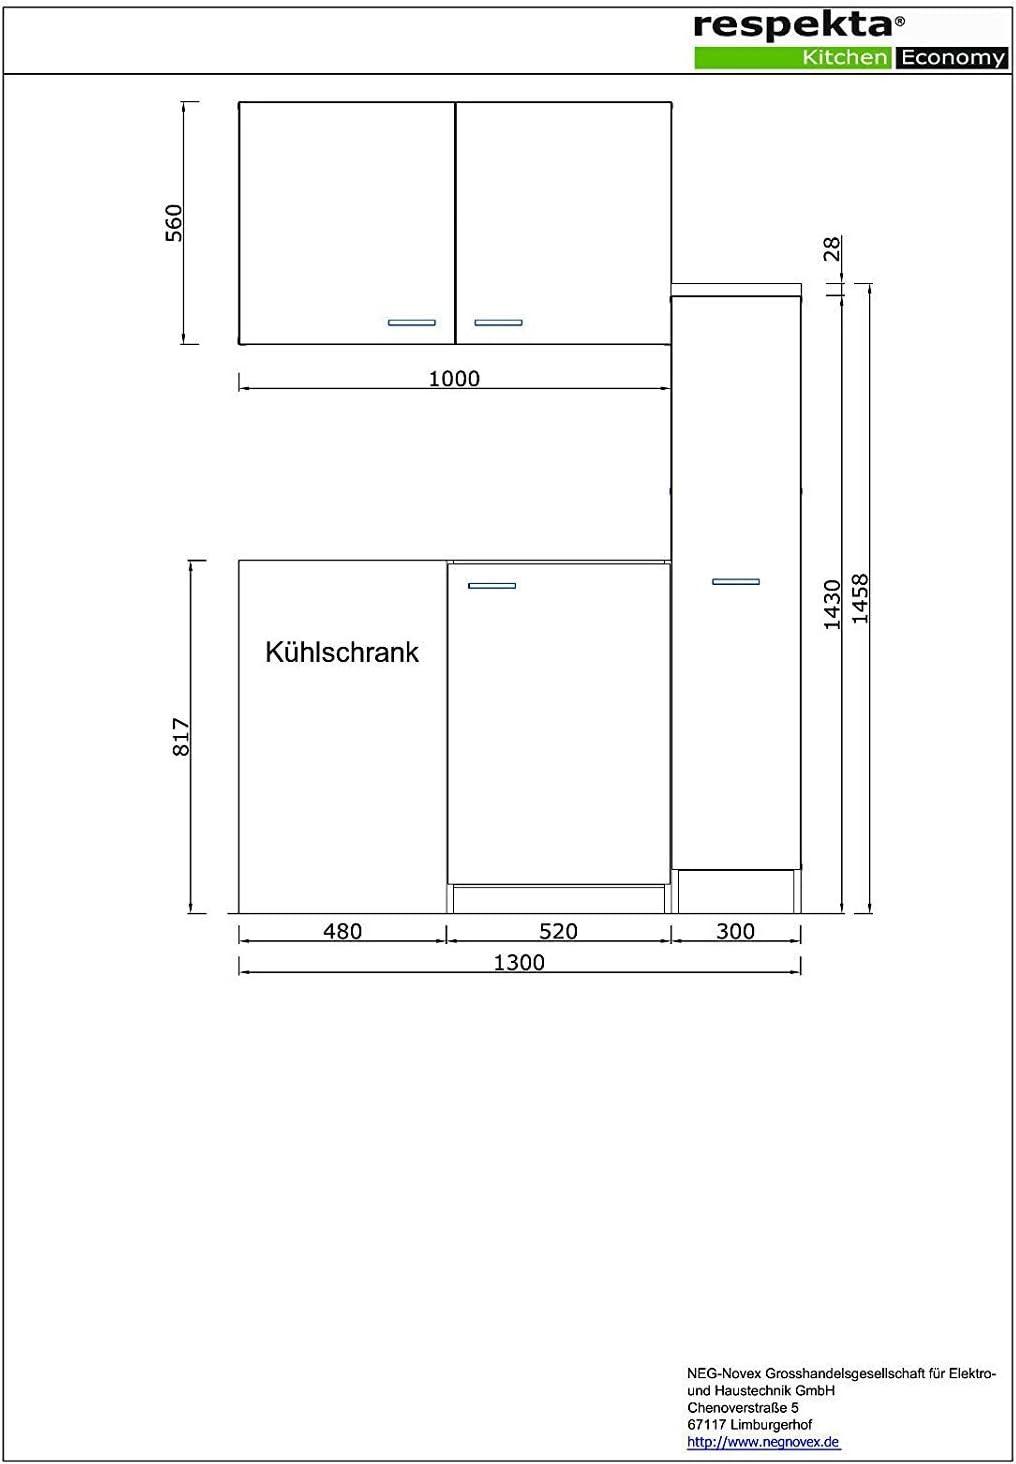 Respekta MK130WOSC Mini-cuisine avec plaque de cuisson en c/éramique Blanc 130 x 60 cm